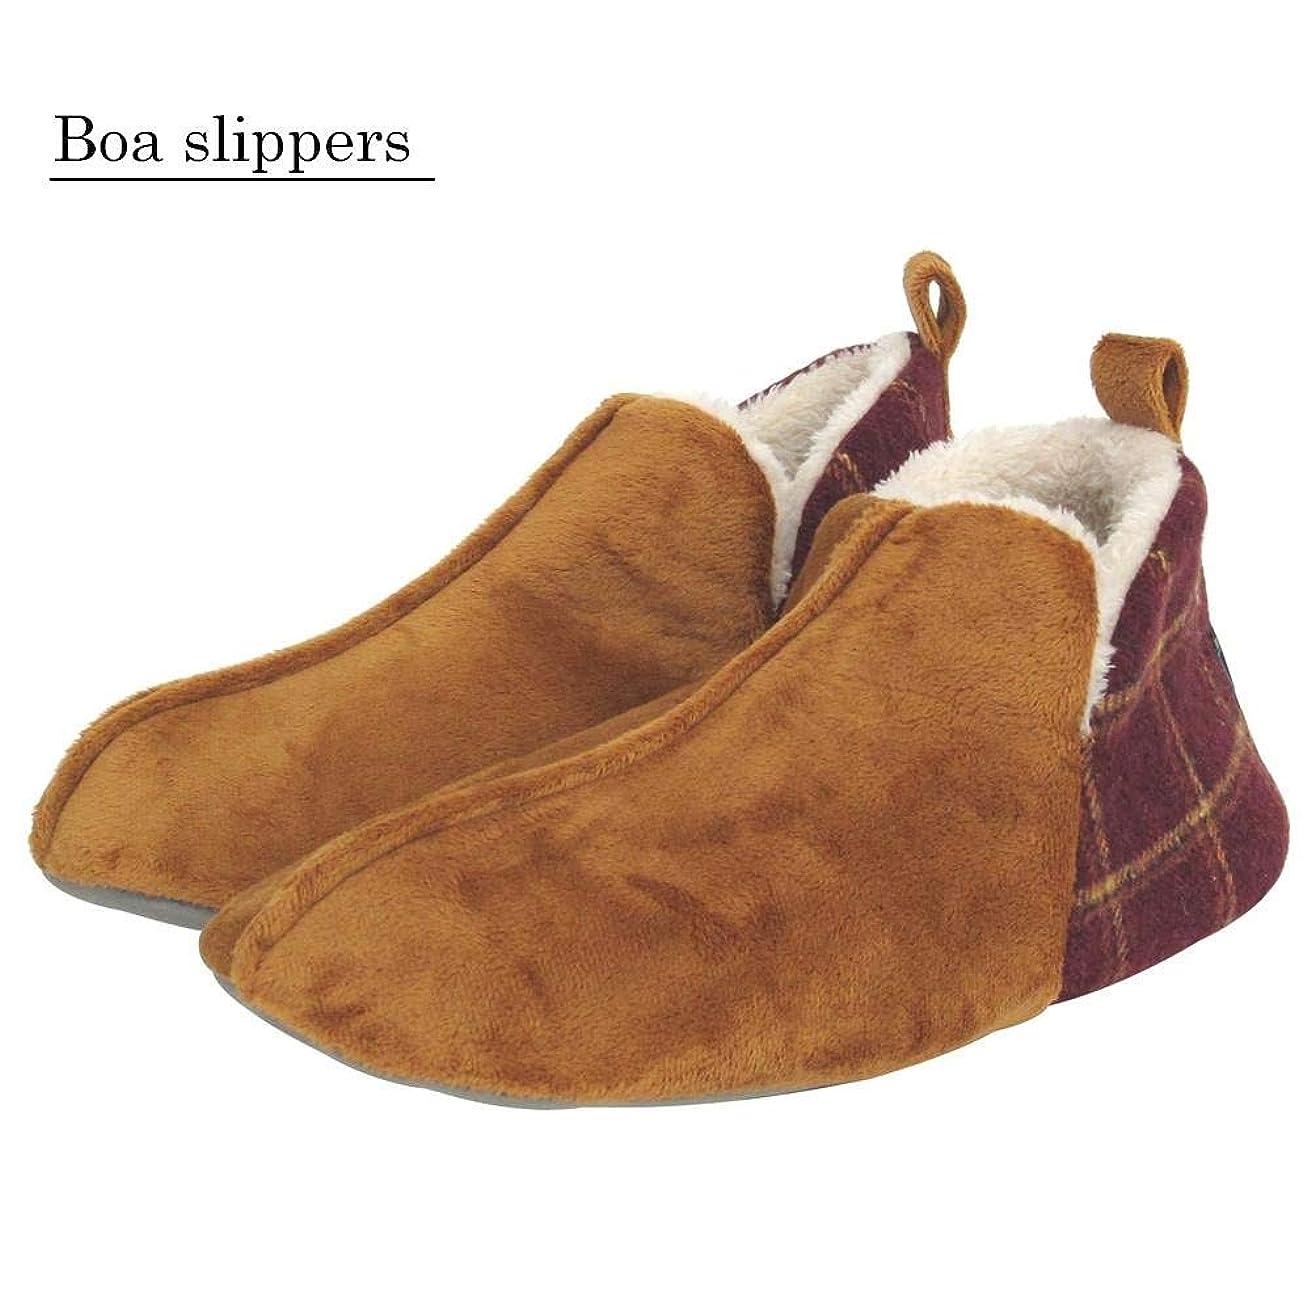 対応時計回り限定Boa slippers(ボアスリッパ) かかと切替ブーツ Lサイズ(25~27cm) ブラウン 72186